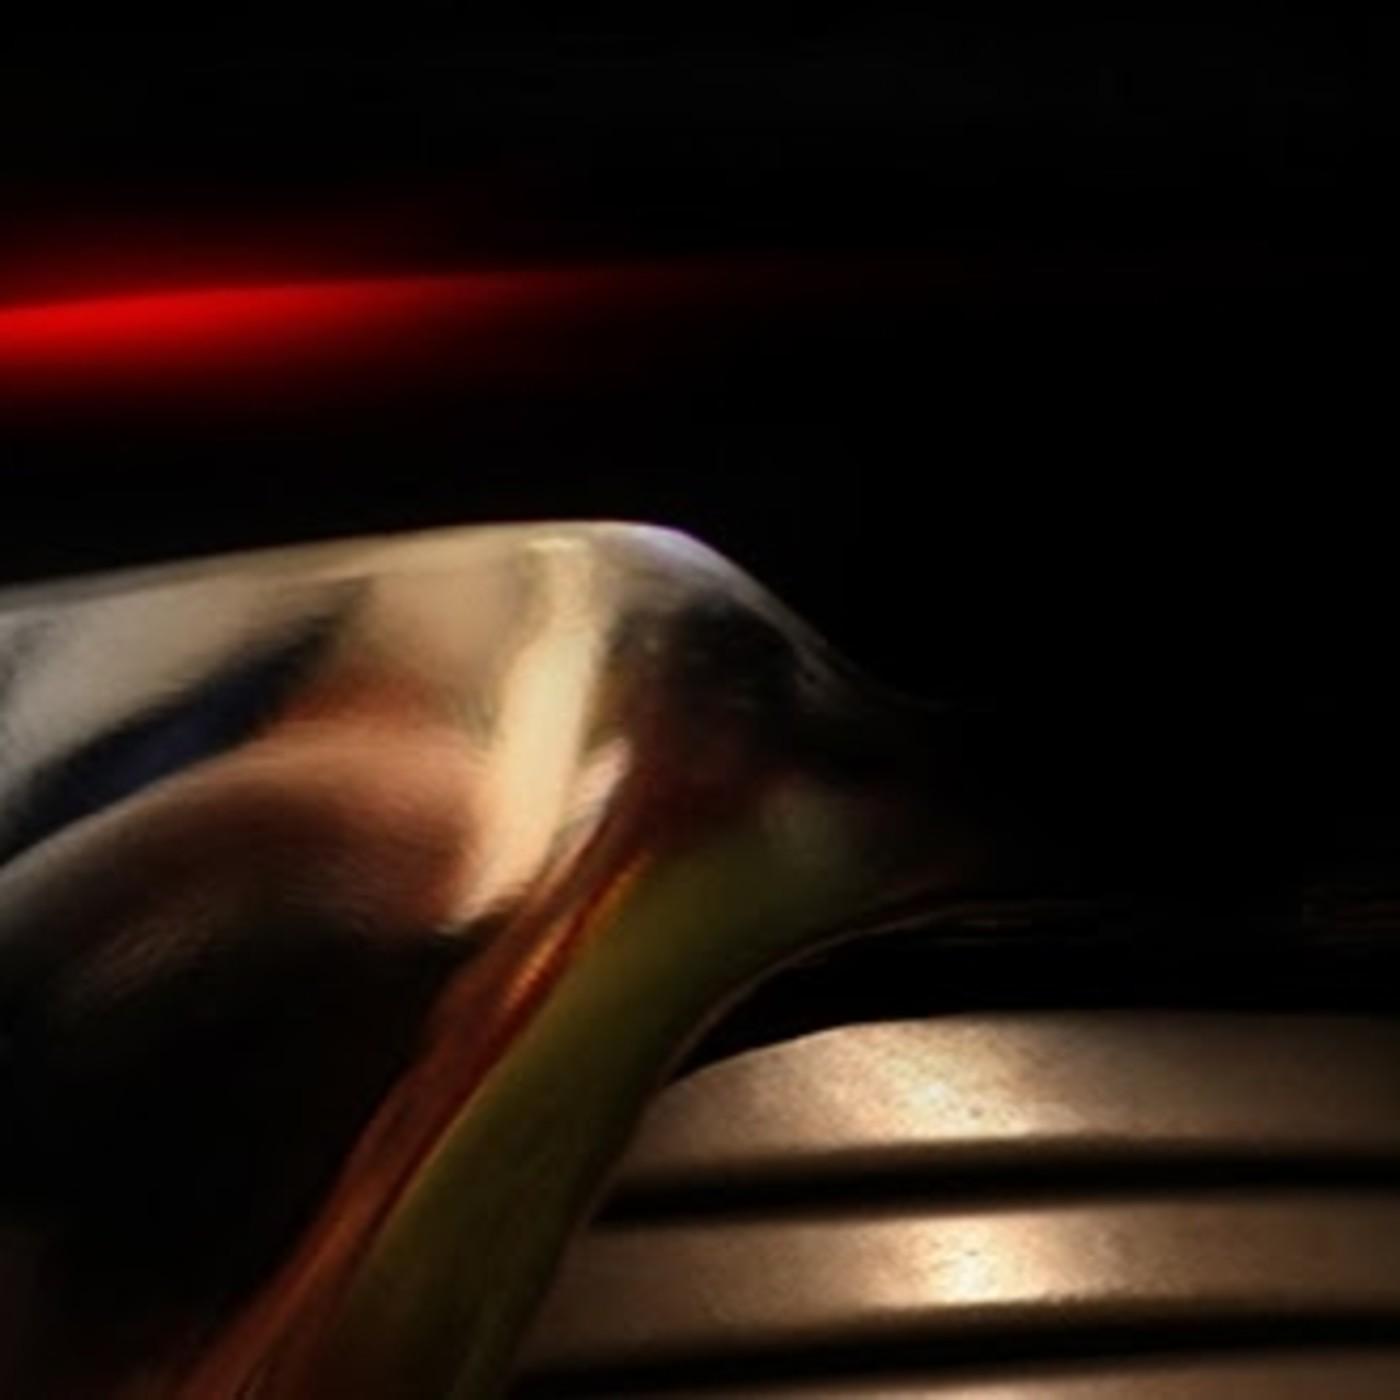 El Cylon en la Sombra #20 (Super Fantasy, Gardens, Magneto, Gonzo Bríos)